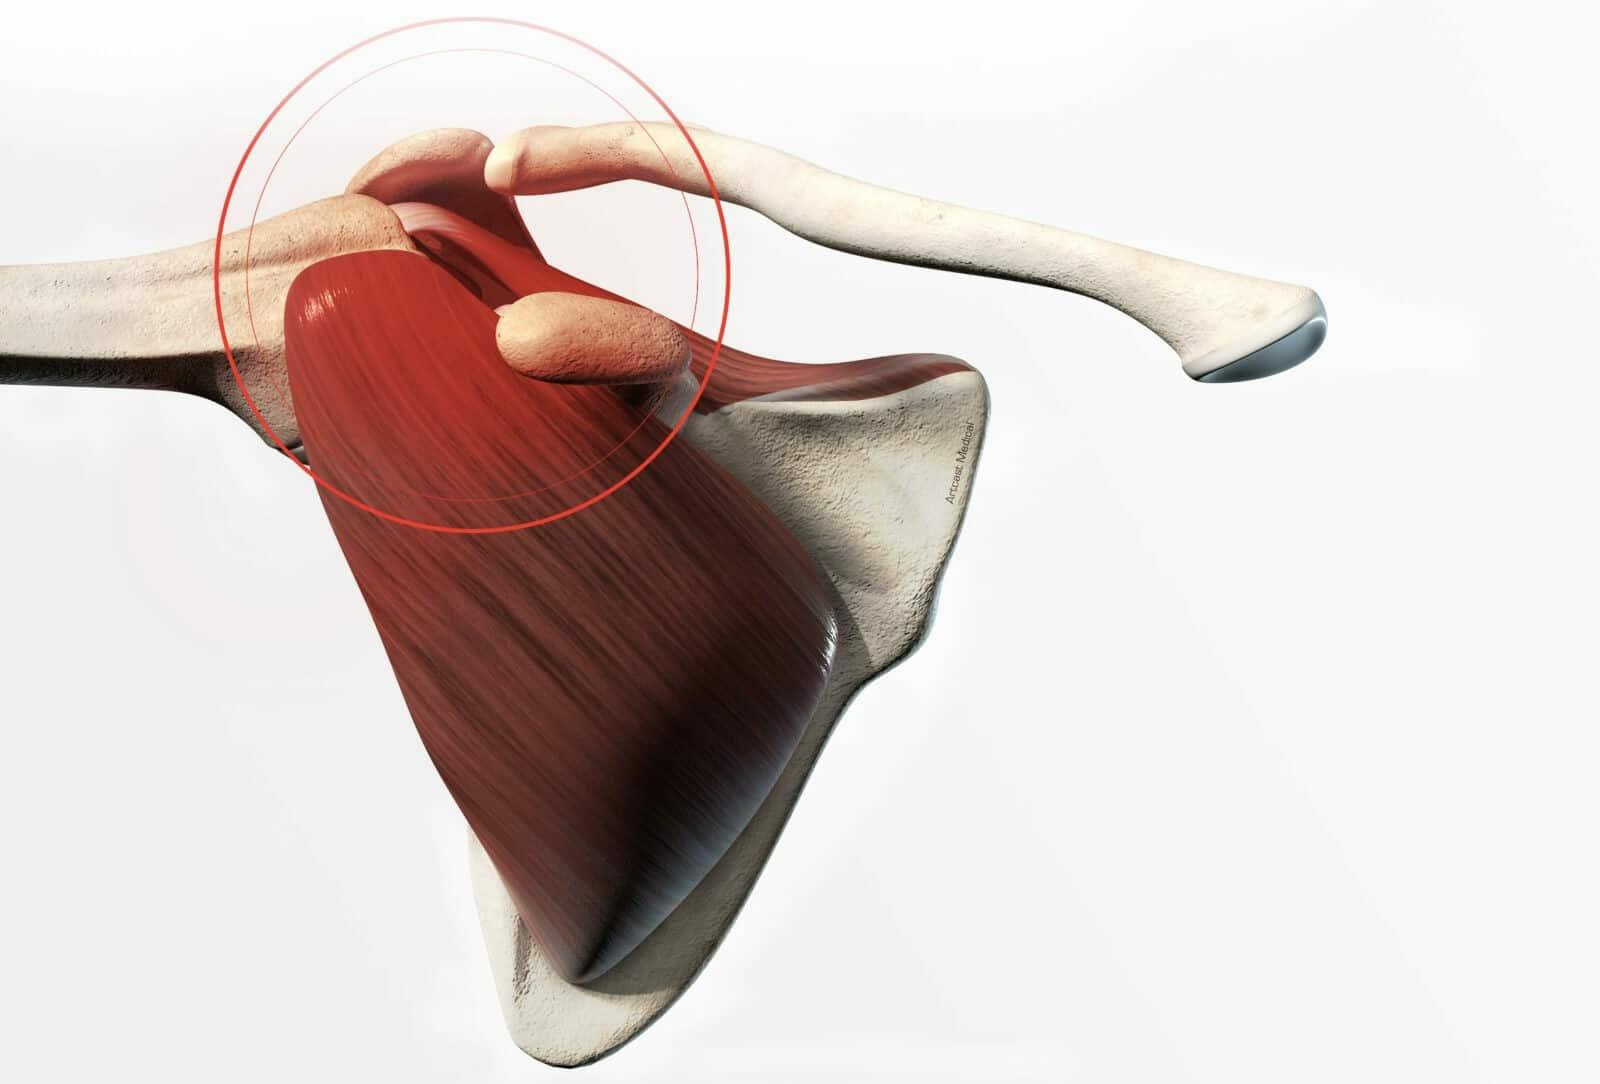 Chirurgie de l'épaule à Paris: Réparation de la coiffe des rotateurs - Dr Paillard Paris